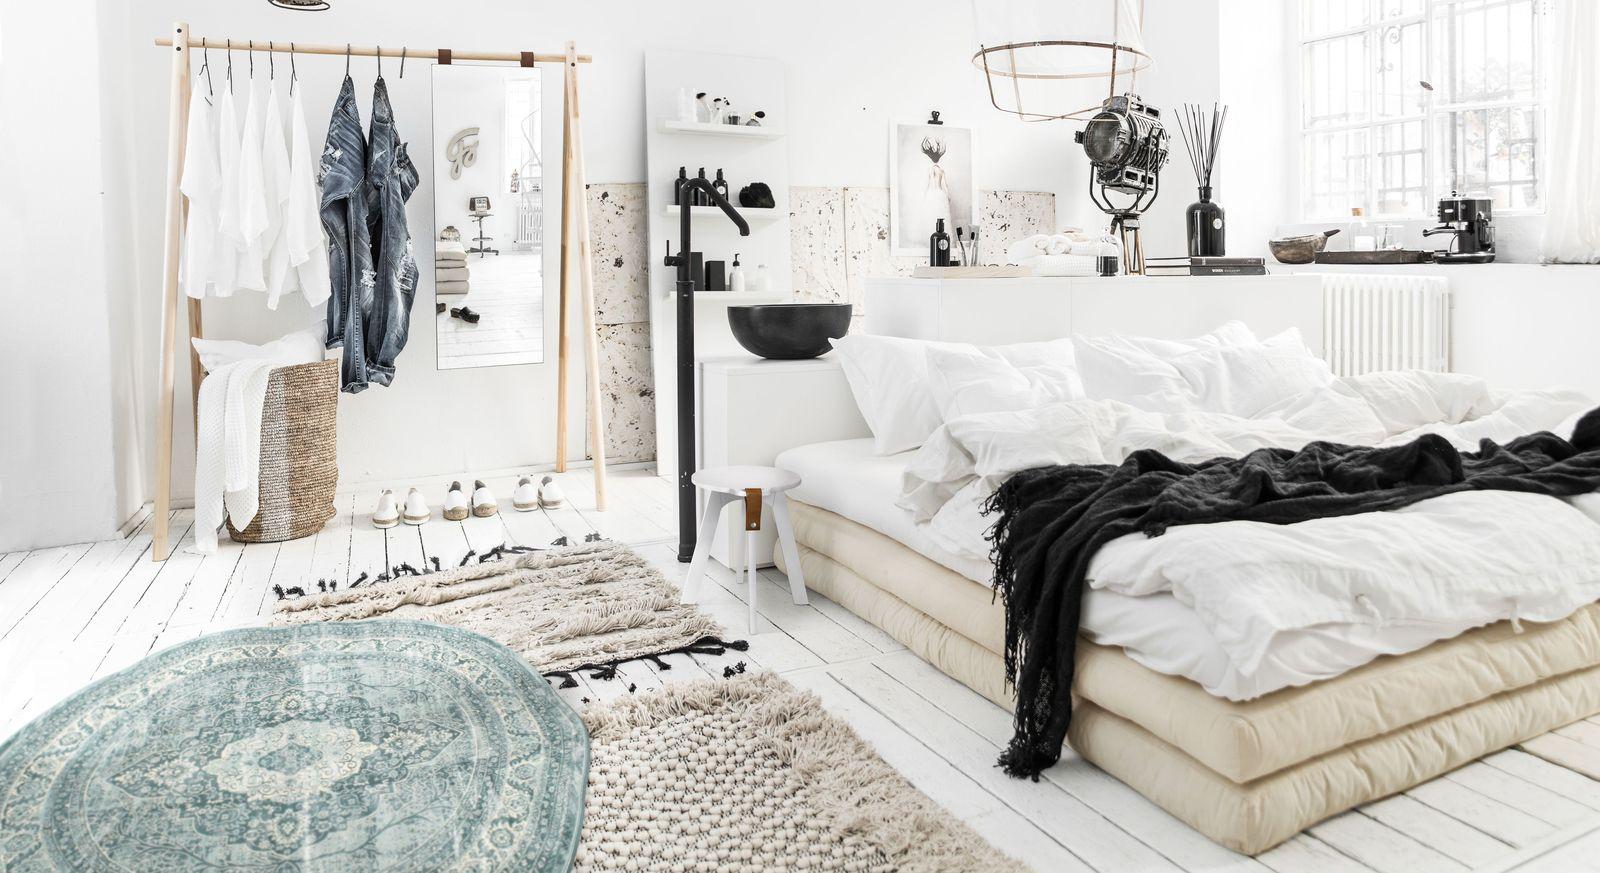 Jugendzimmer Toffia im angesagten japanischem Stil